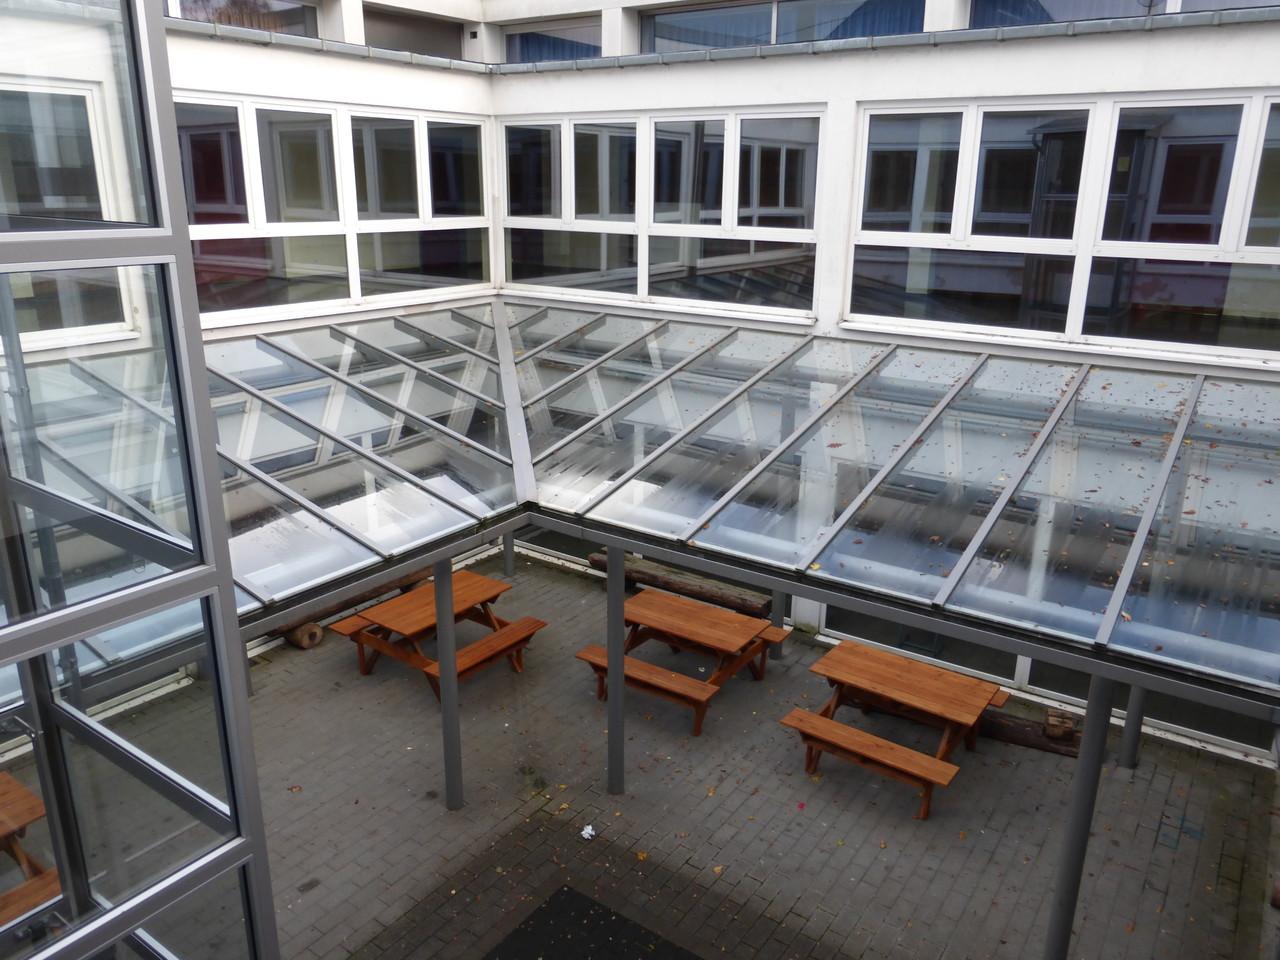 Atriumtrakt mit Freisitz - beliebter Treffpunkt in den Pausen